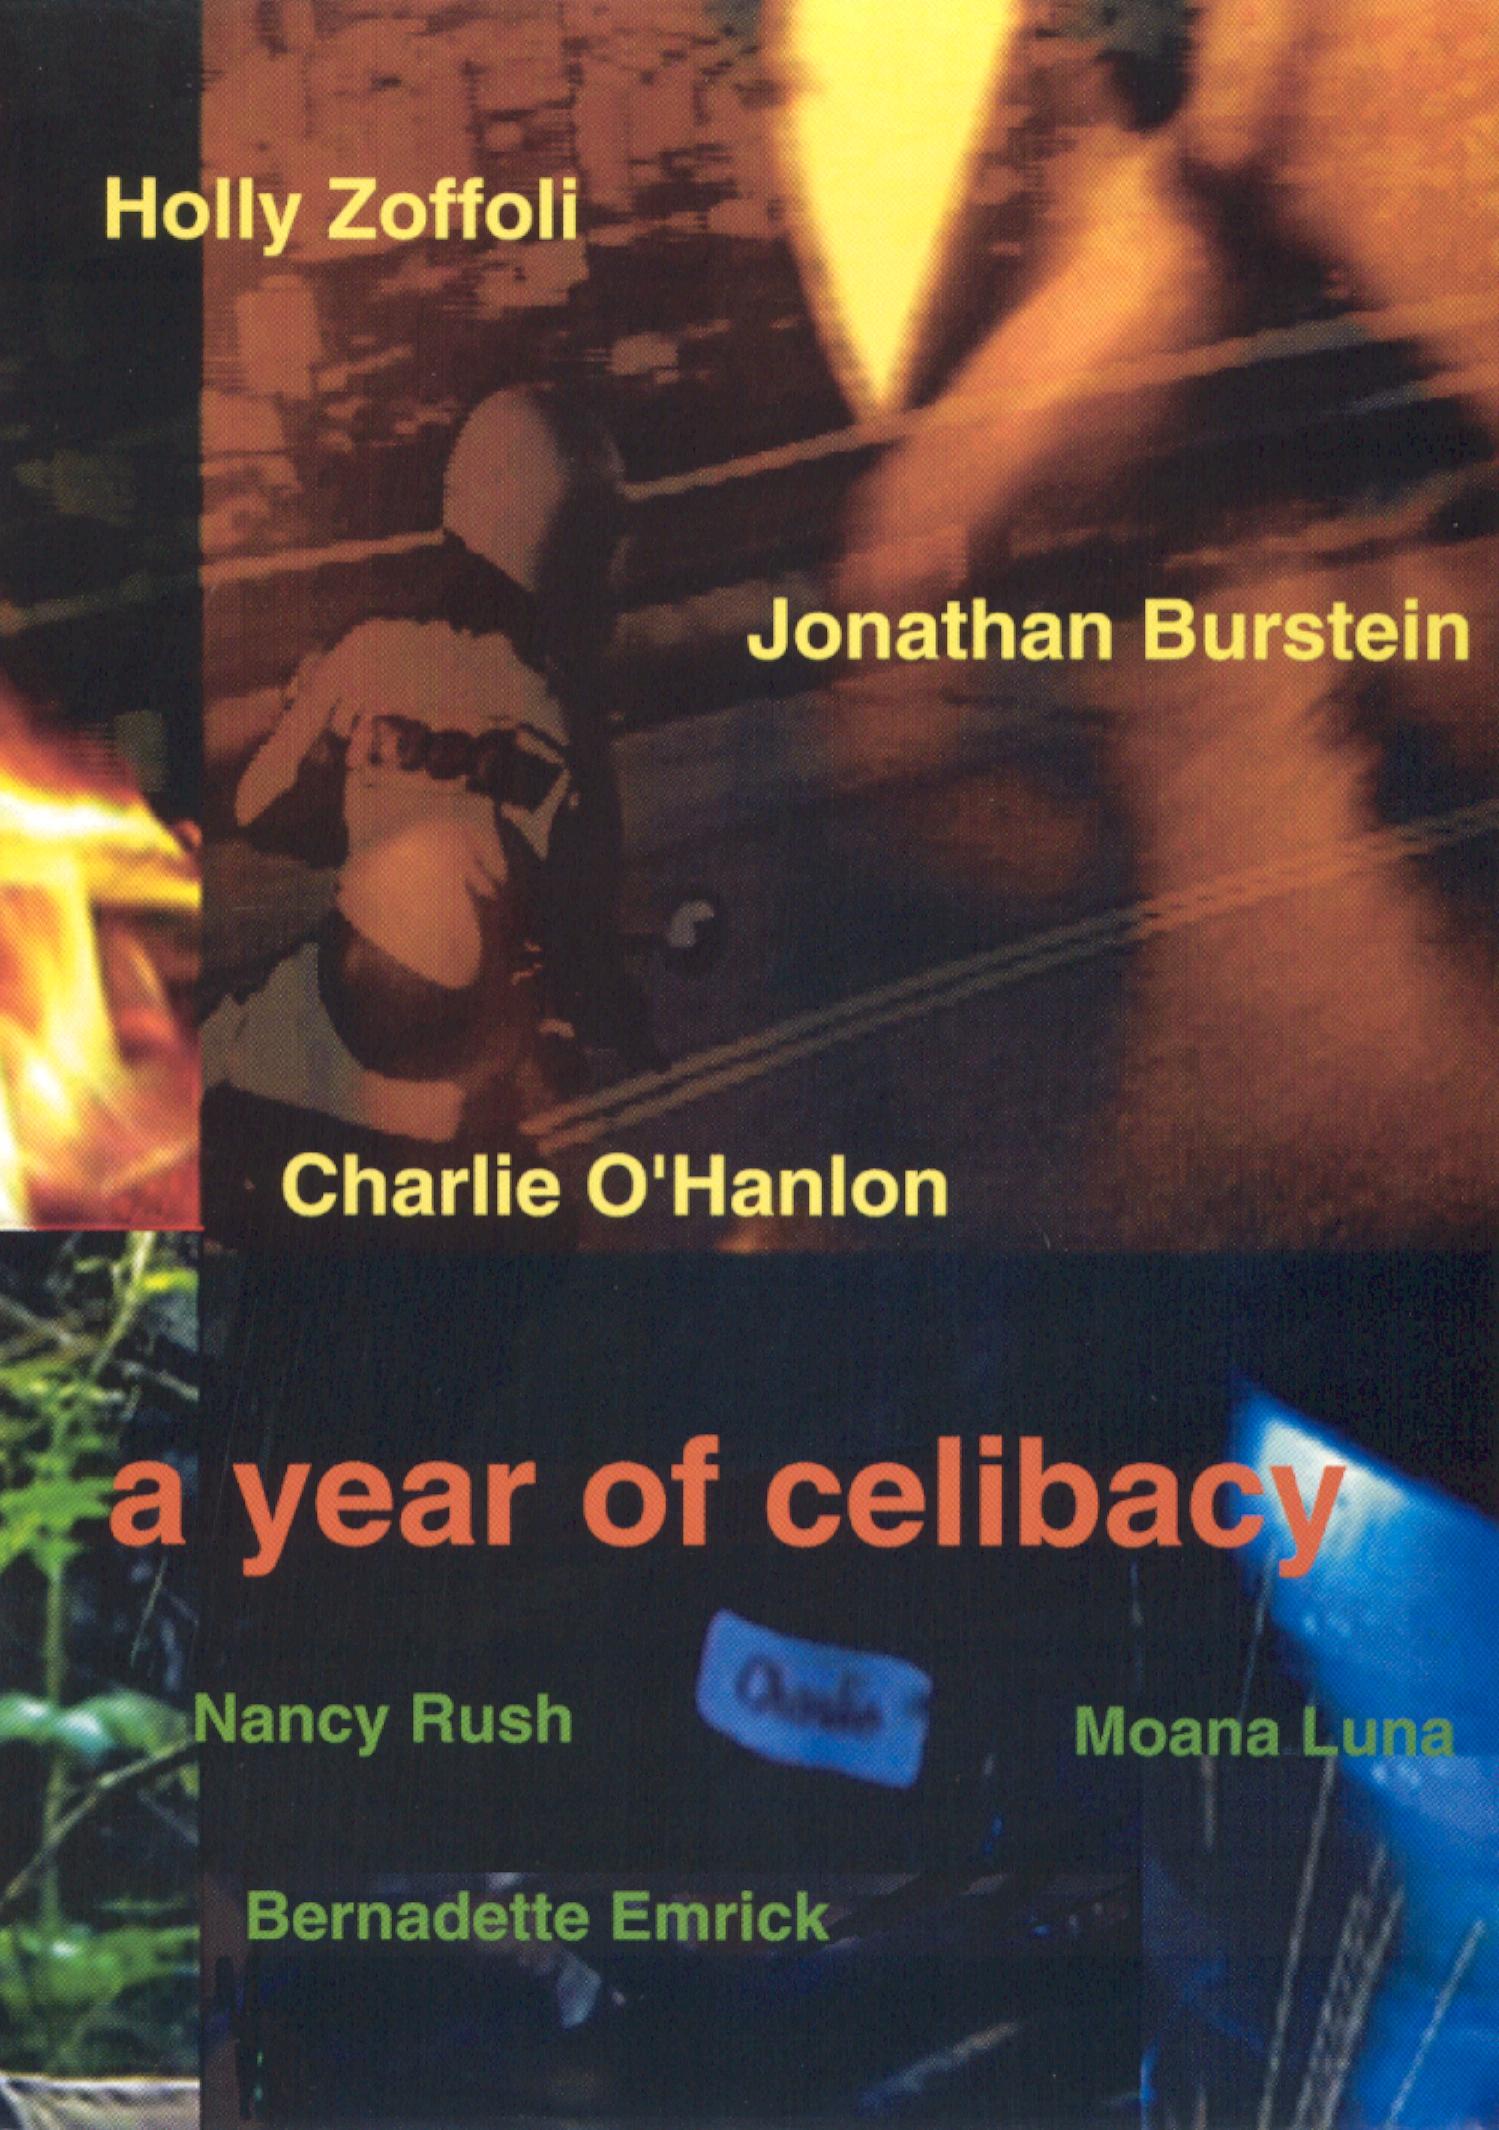 A Year of Celibacy